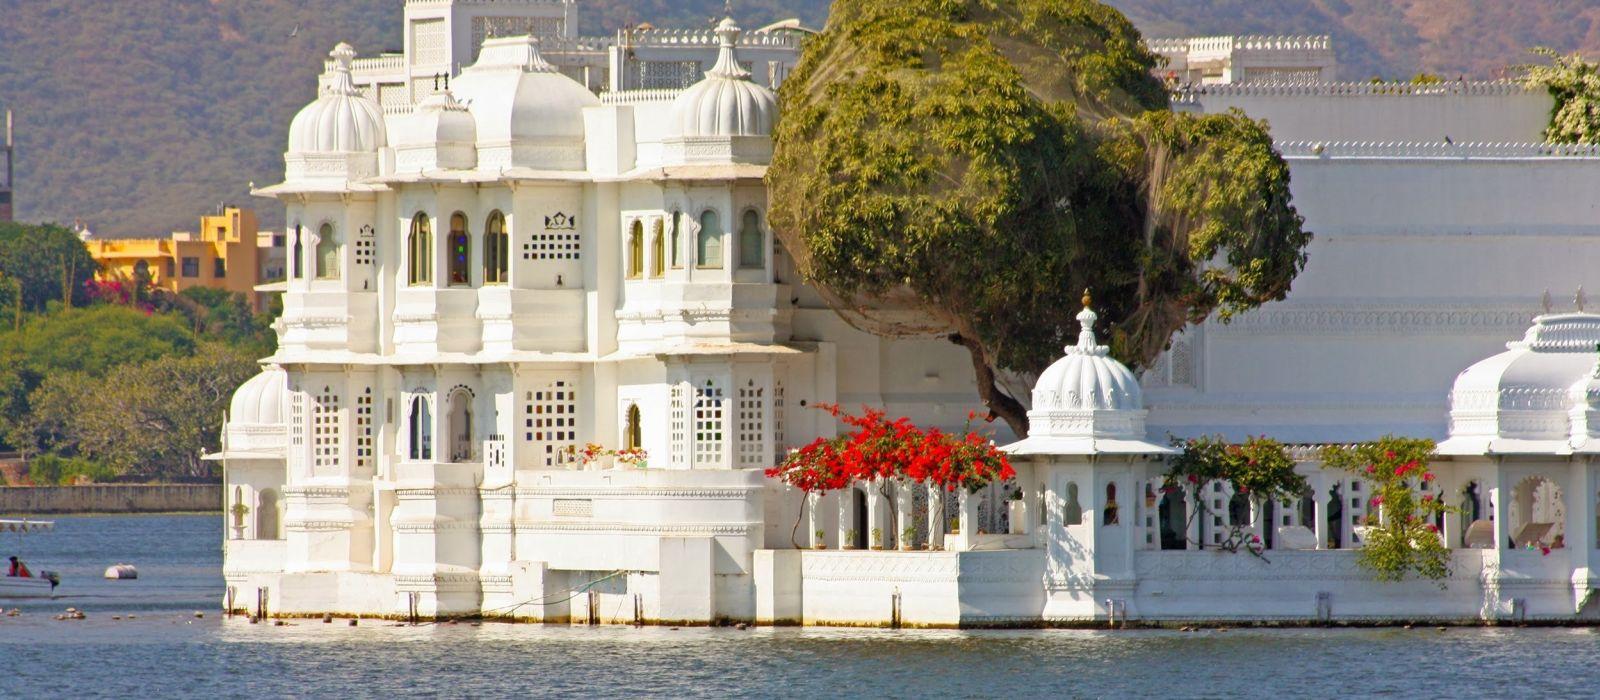 Nordindiens schönste Palasthotels – Luxuriöse Zeitreise Urlaub 1